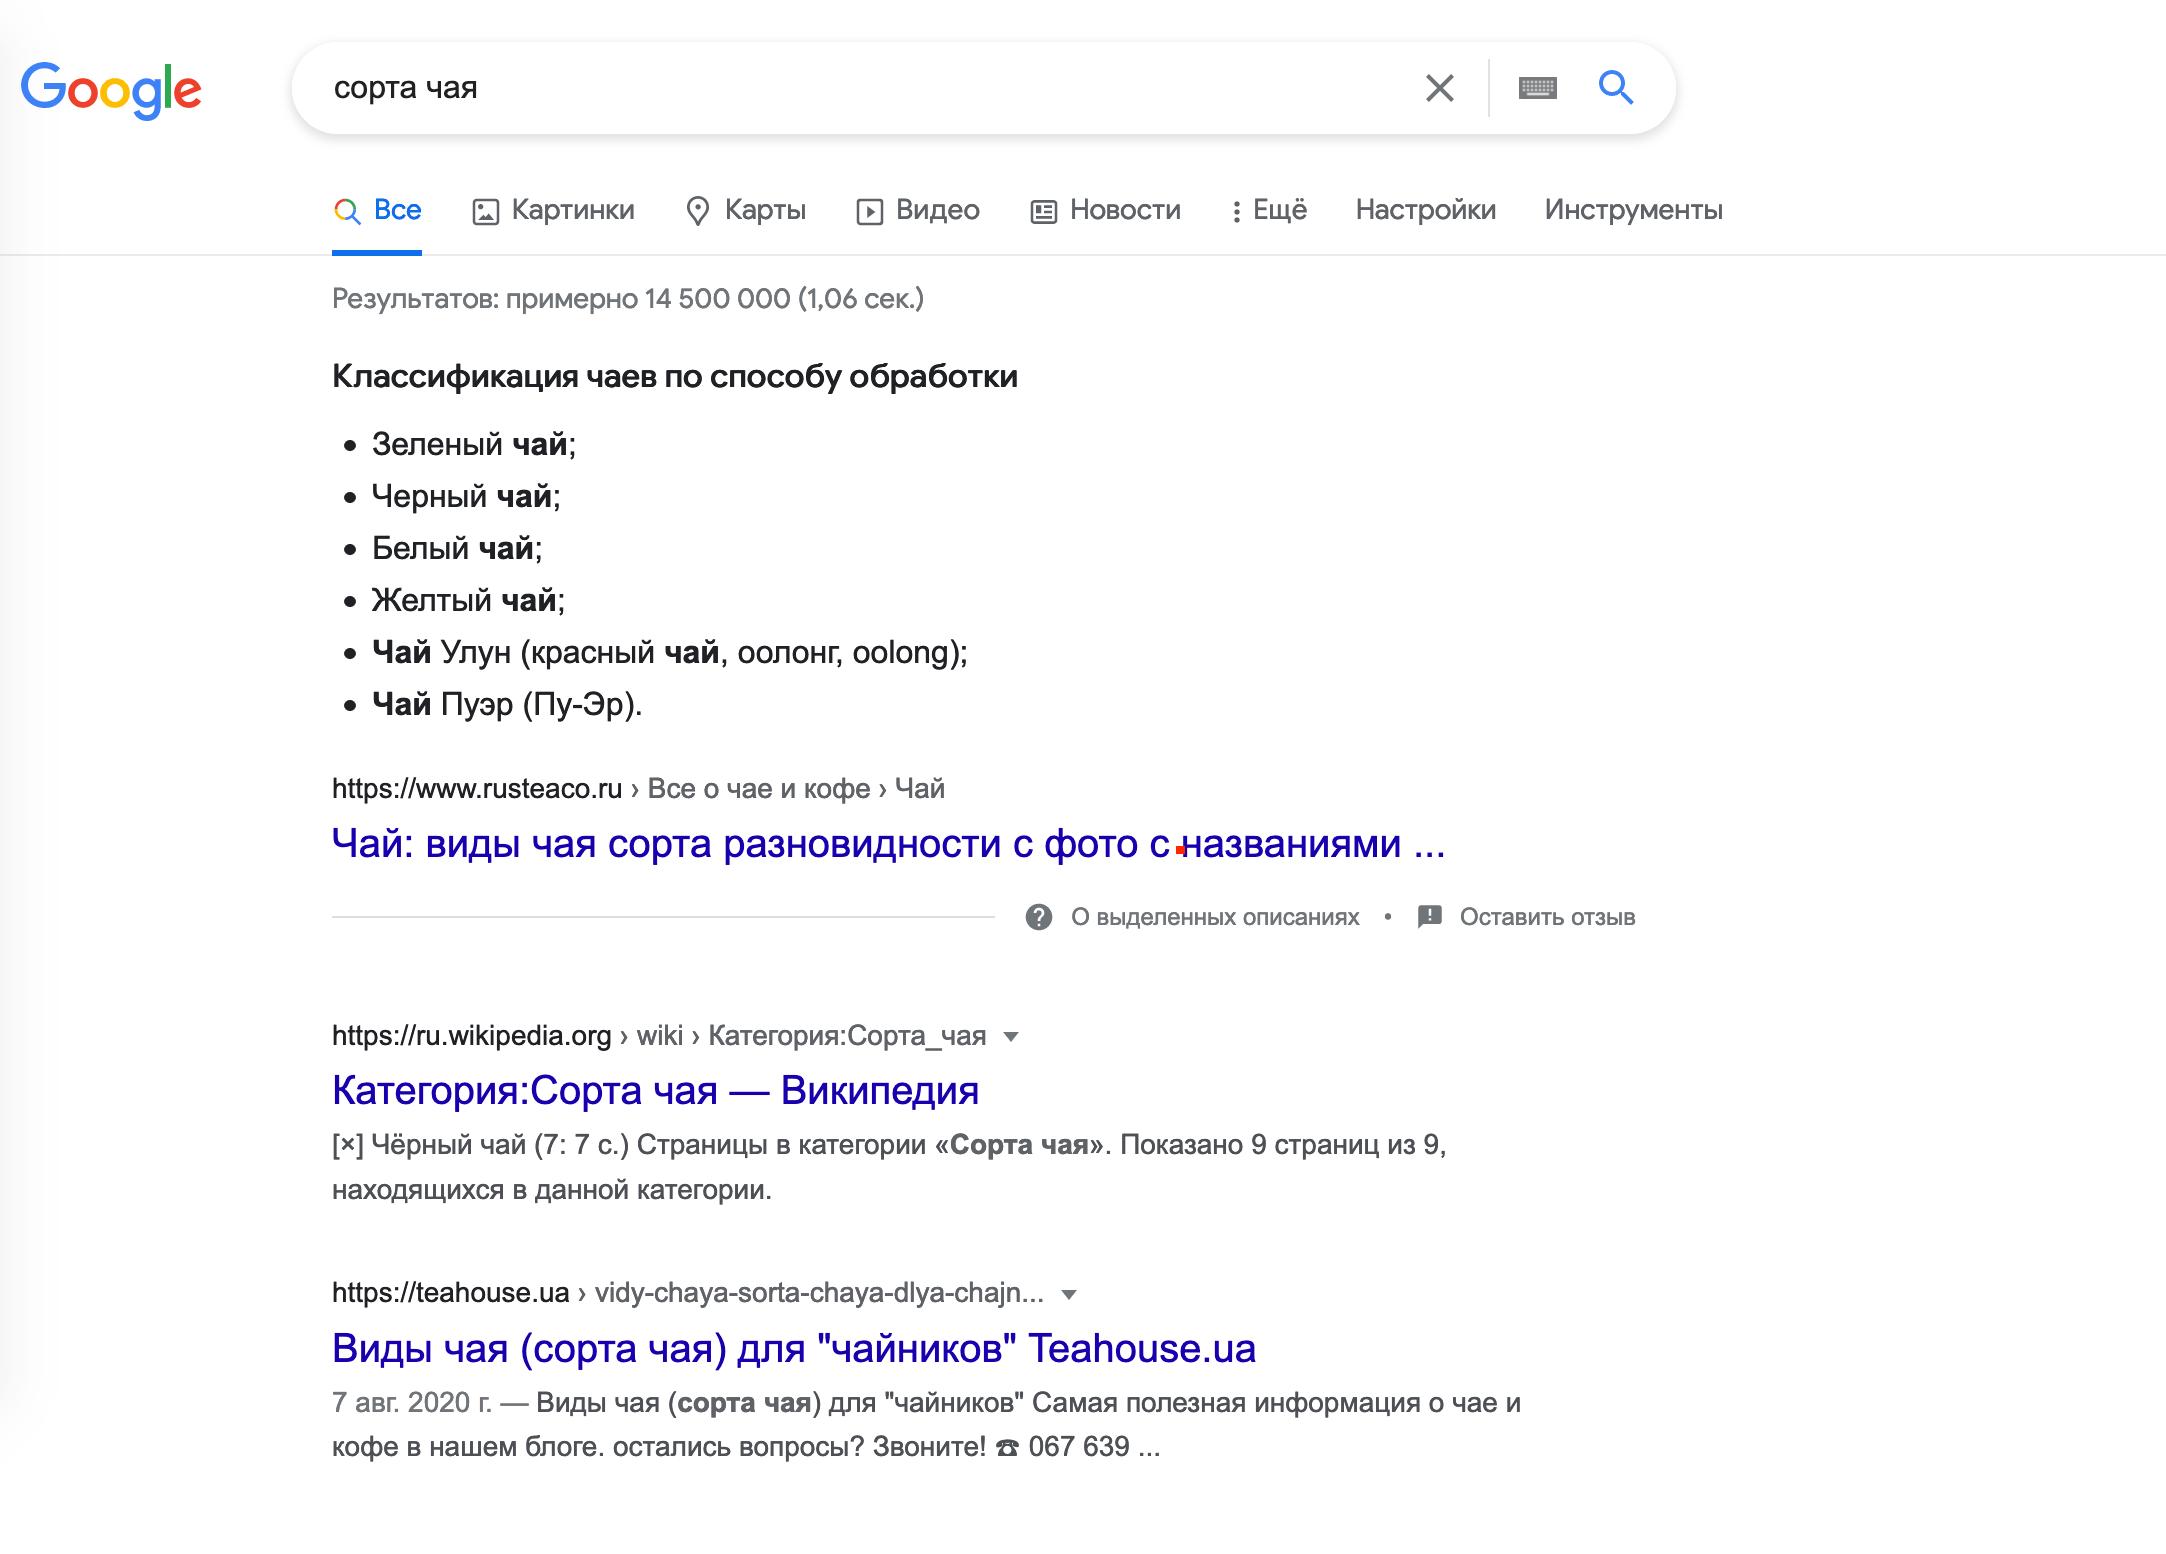 Пример расширенного сниппета в Google